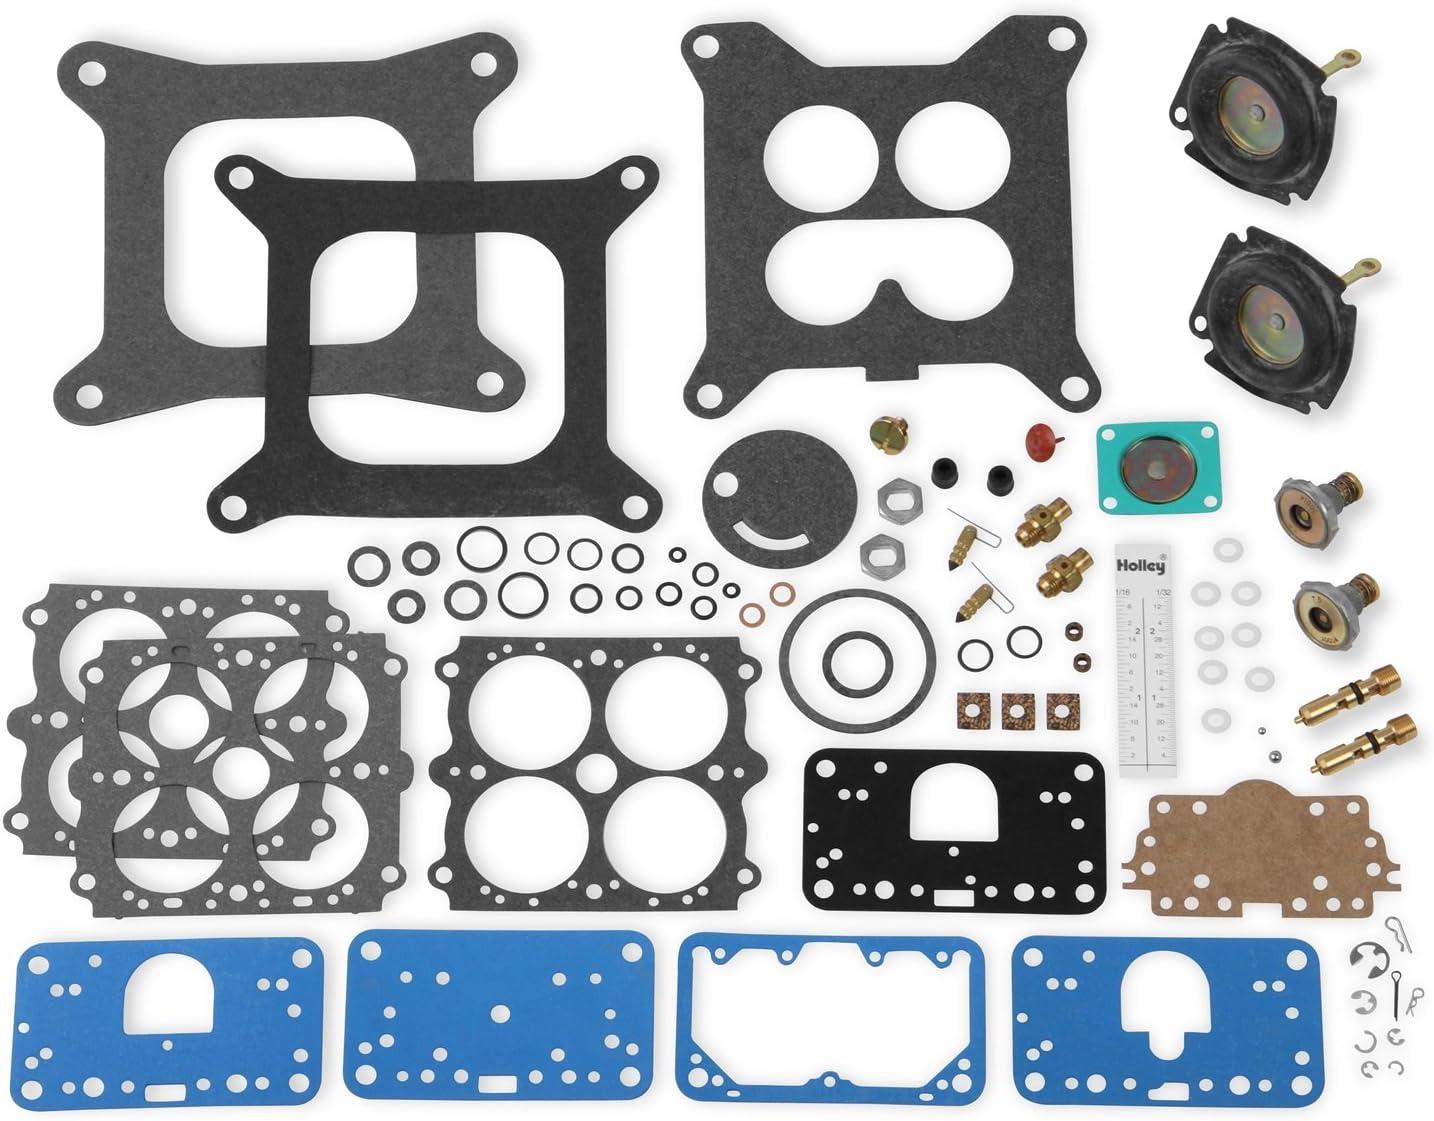 Renew Kit Rebuild Kit Holley 703-30 GENUINE Marine Carburetor Repair Kit